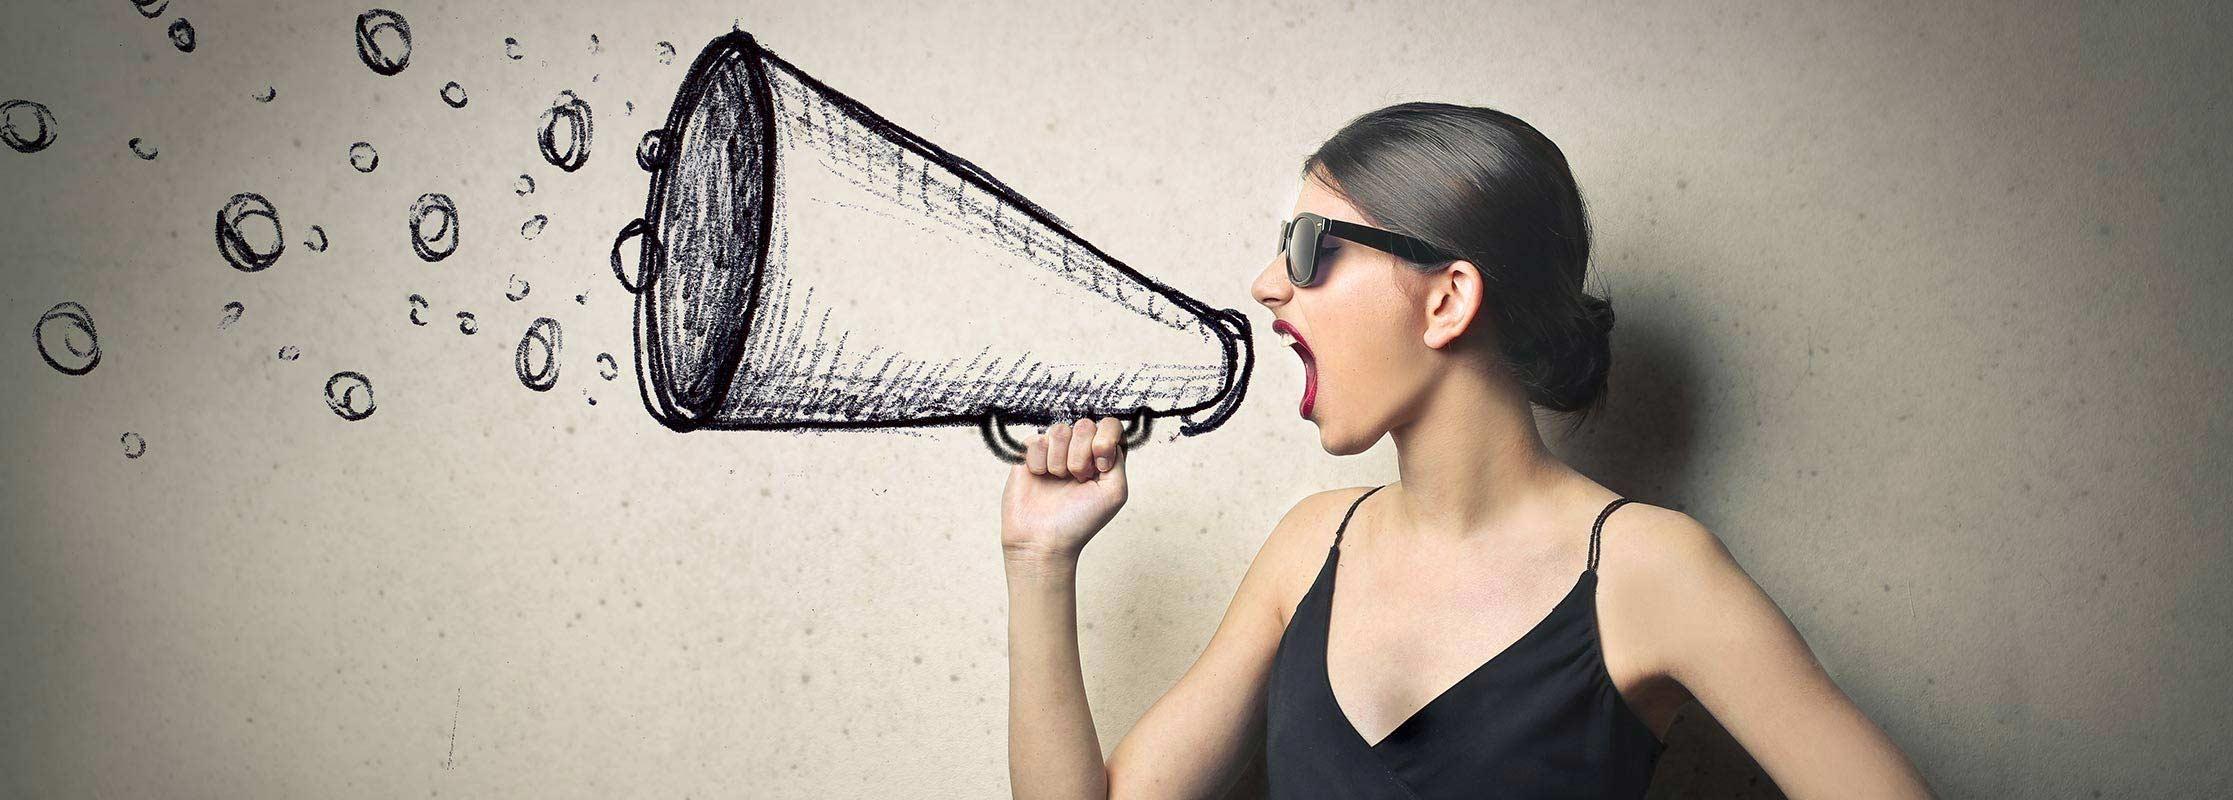 Junge Frau schreit in ein Megafon, Marketing studieren an der TRIAGON Akademie